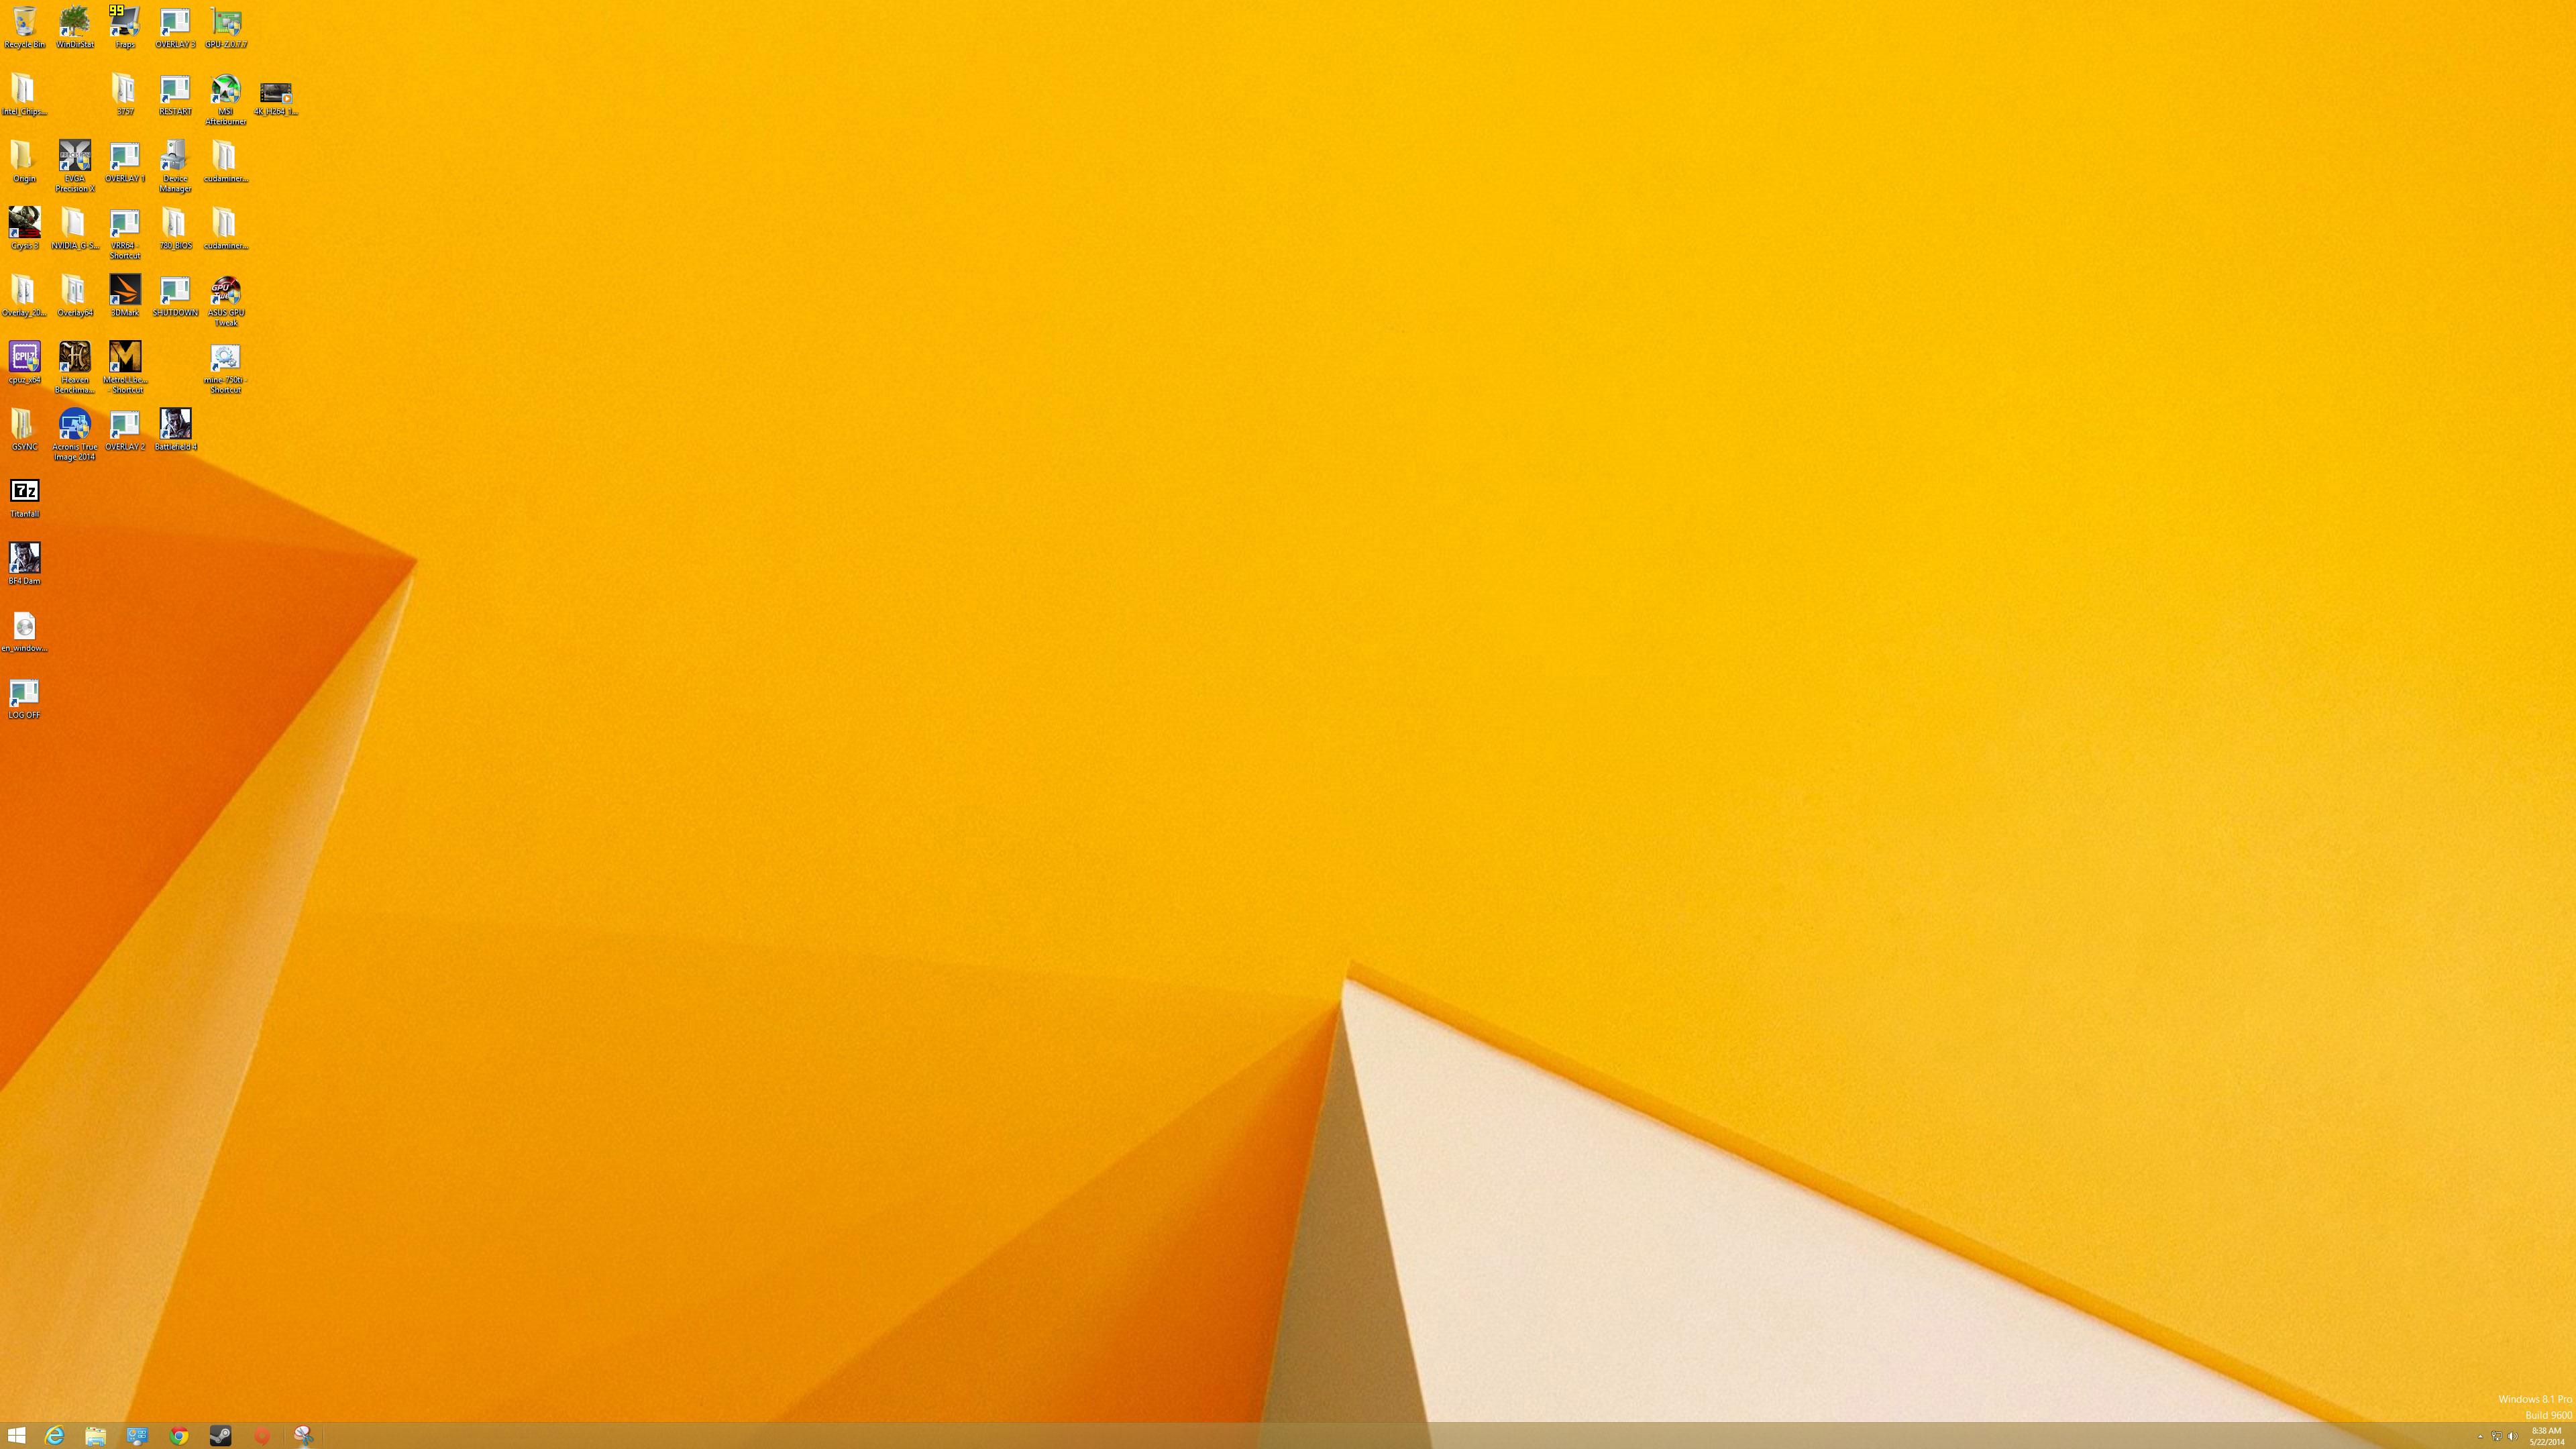 win81-size1desktop.jpg